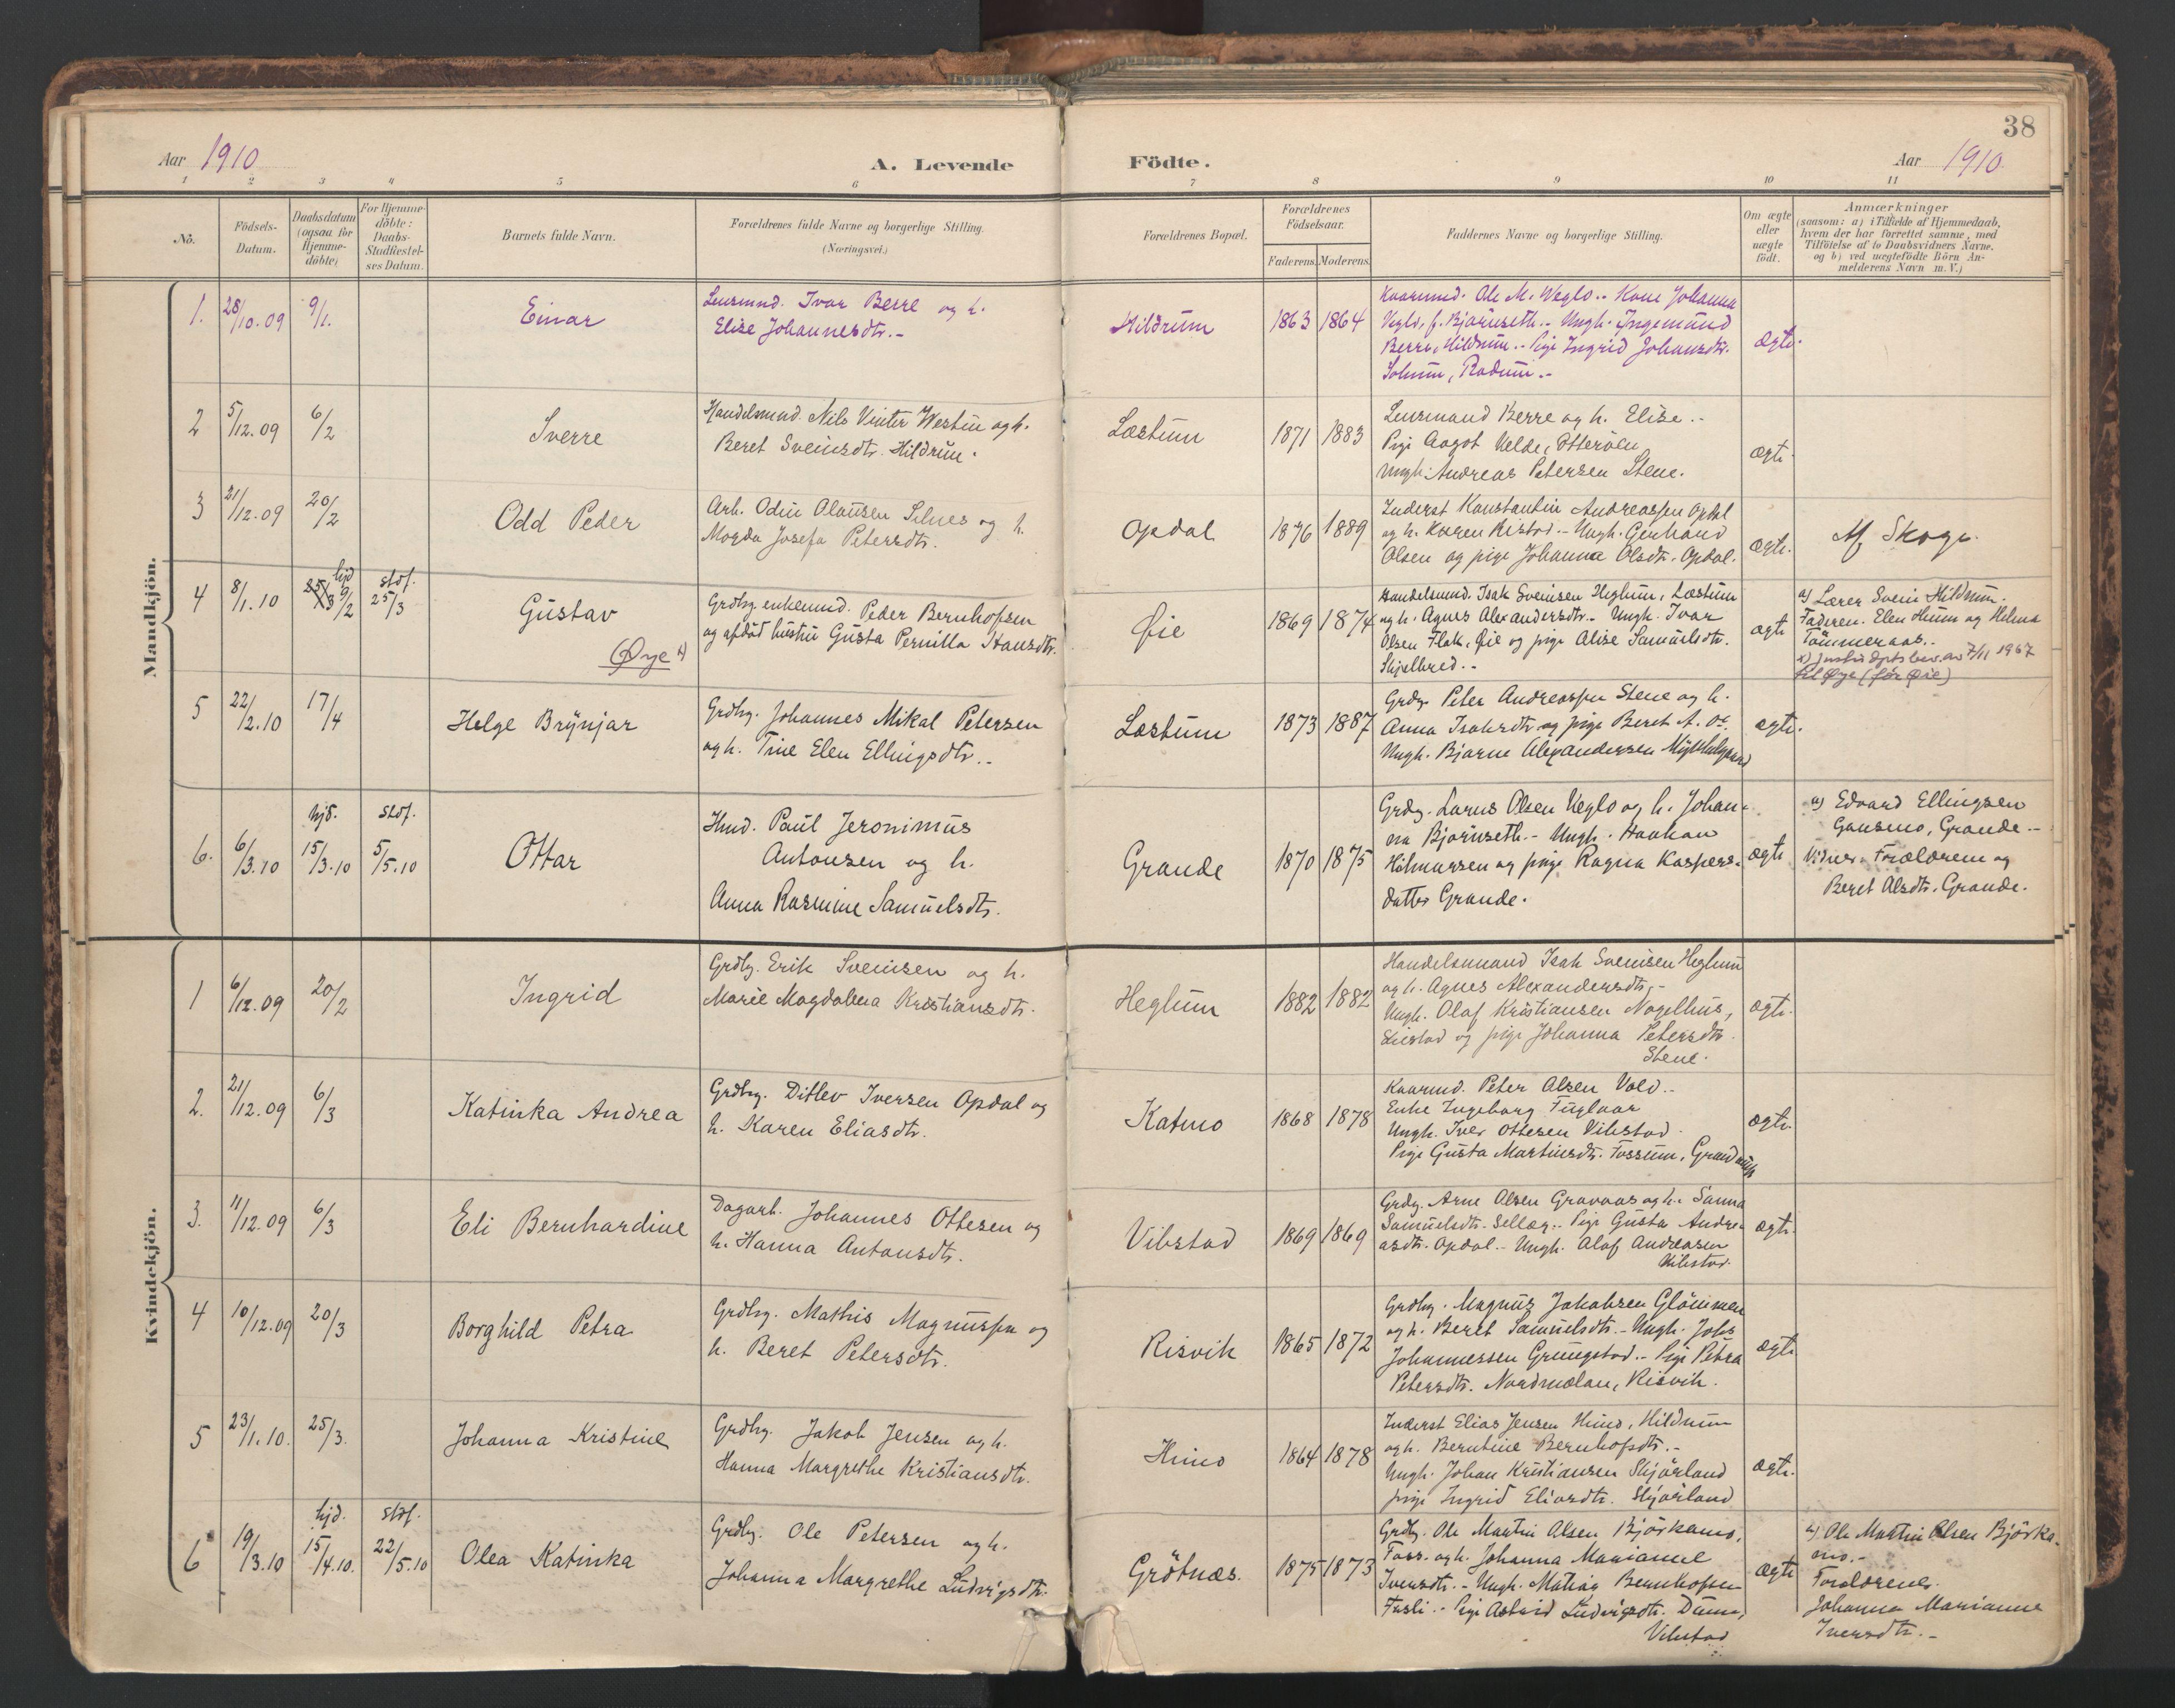 SAT, Ministerialprotokoller, klokkerbøker og fødselsregistre - Nord-Trøndelag, 764/L0556: Ministerialbok nr. 764A11, 1897-1924, s. 38